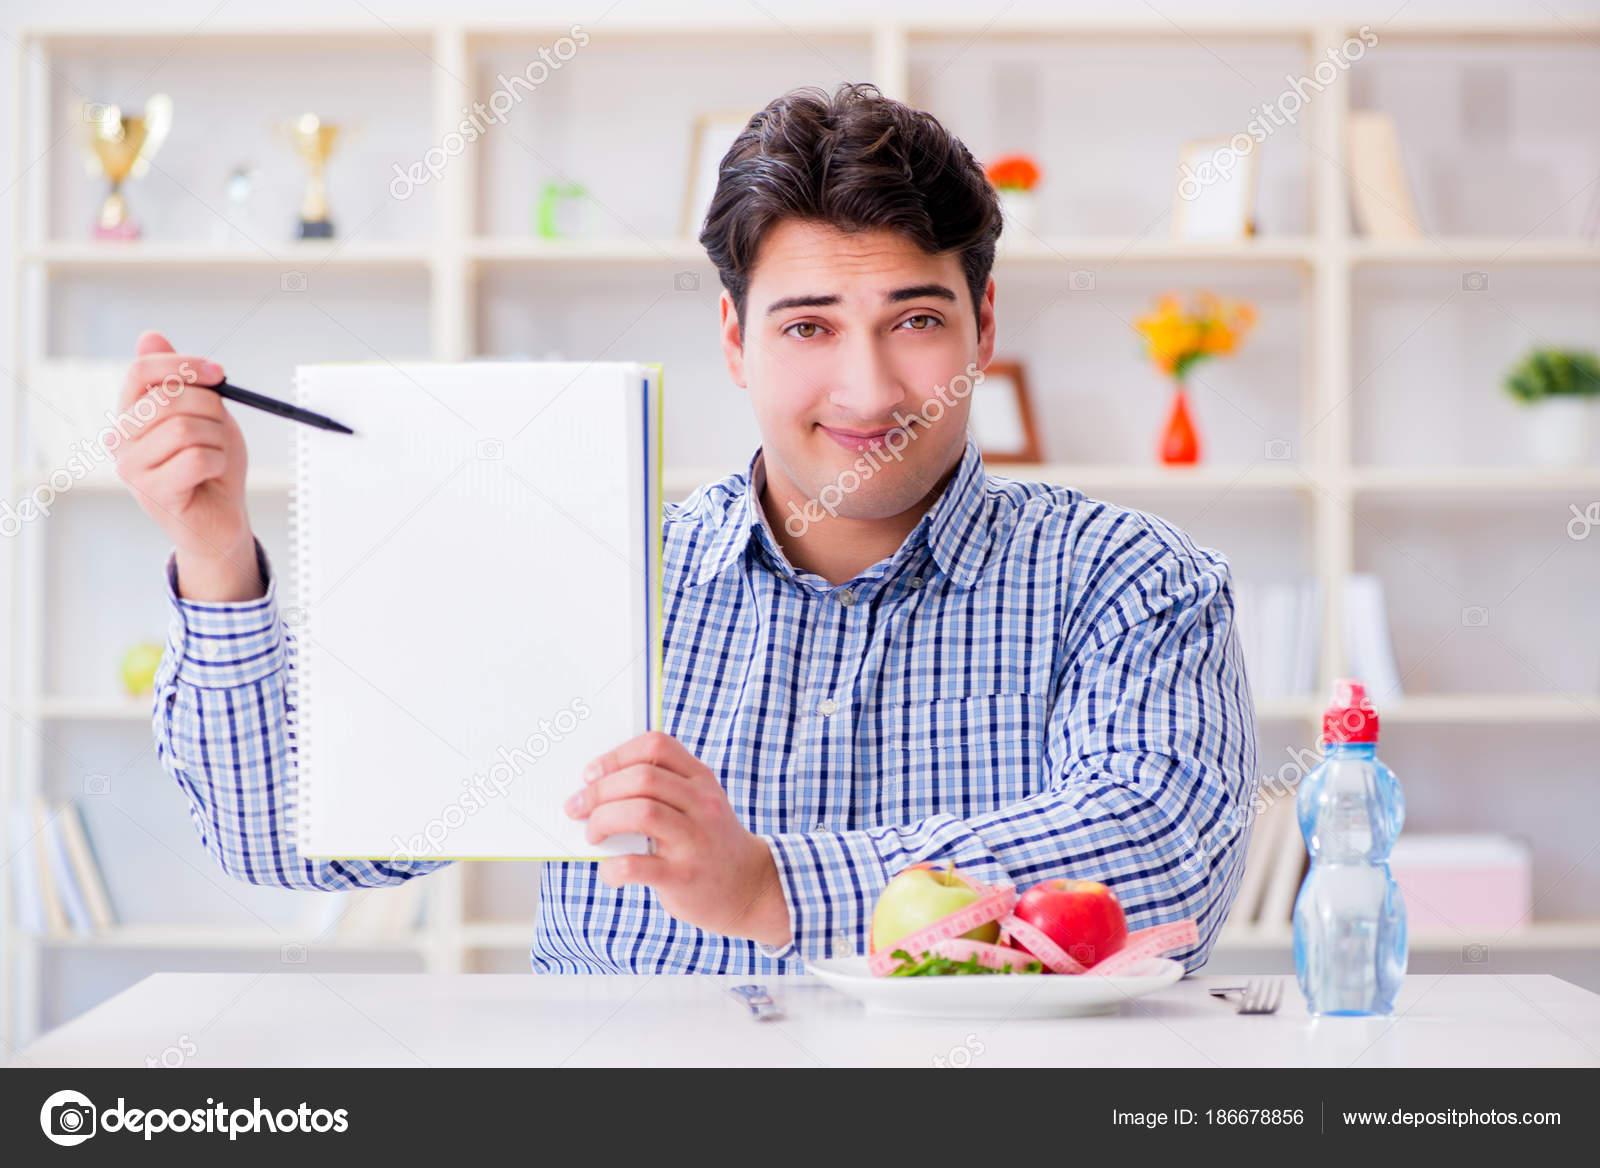 Diete Per Perdere Peso Gratis : Uomo sul programma speciale dieta per perdere peso u foto stock